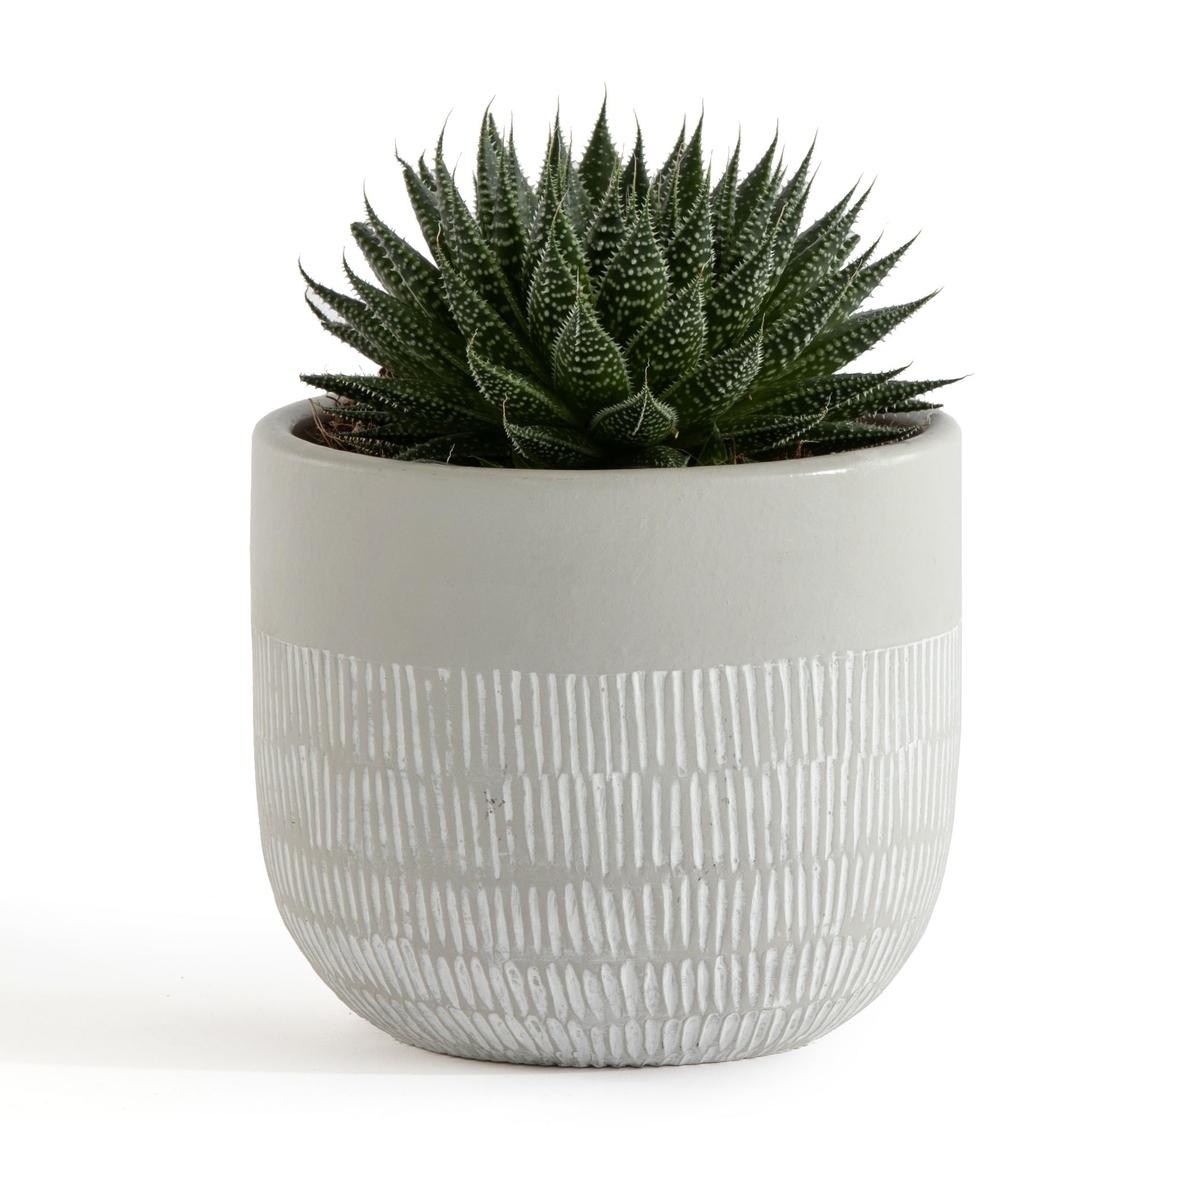 кашпо для растений roto alibunar planter tango цвет серый Кашпо LaRedoute Из керамики Liso единый размер серый